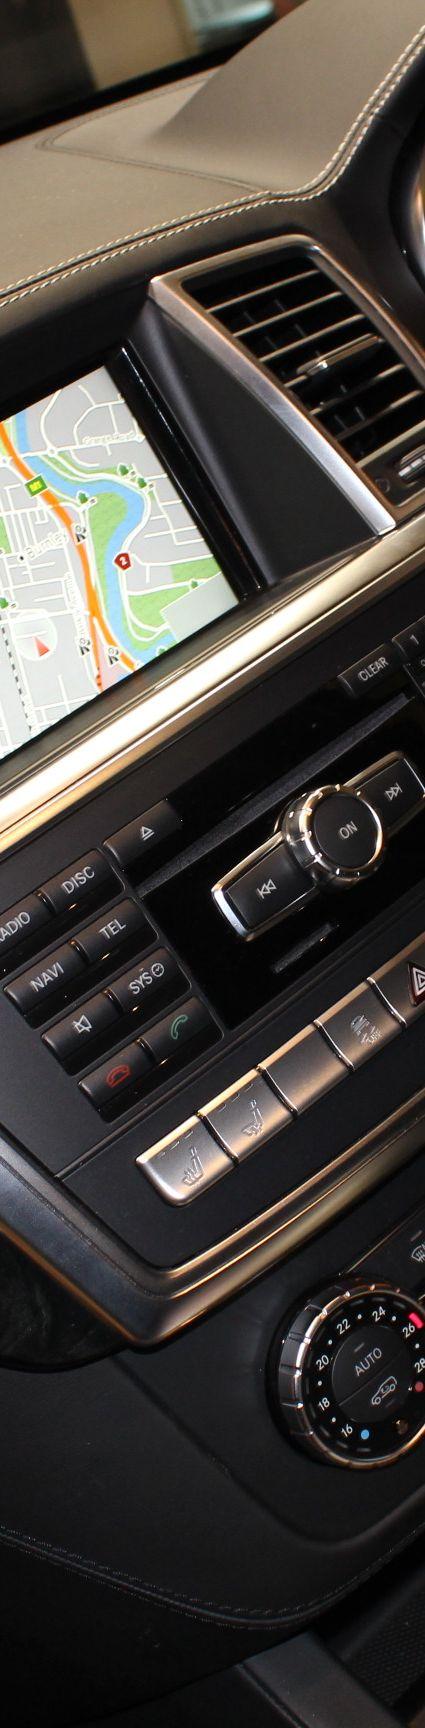 2012 MERCEDES ML63 W166 AMG SPEEDSHIFT for sale in Australia